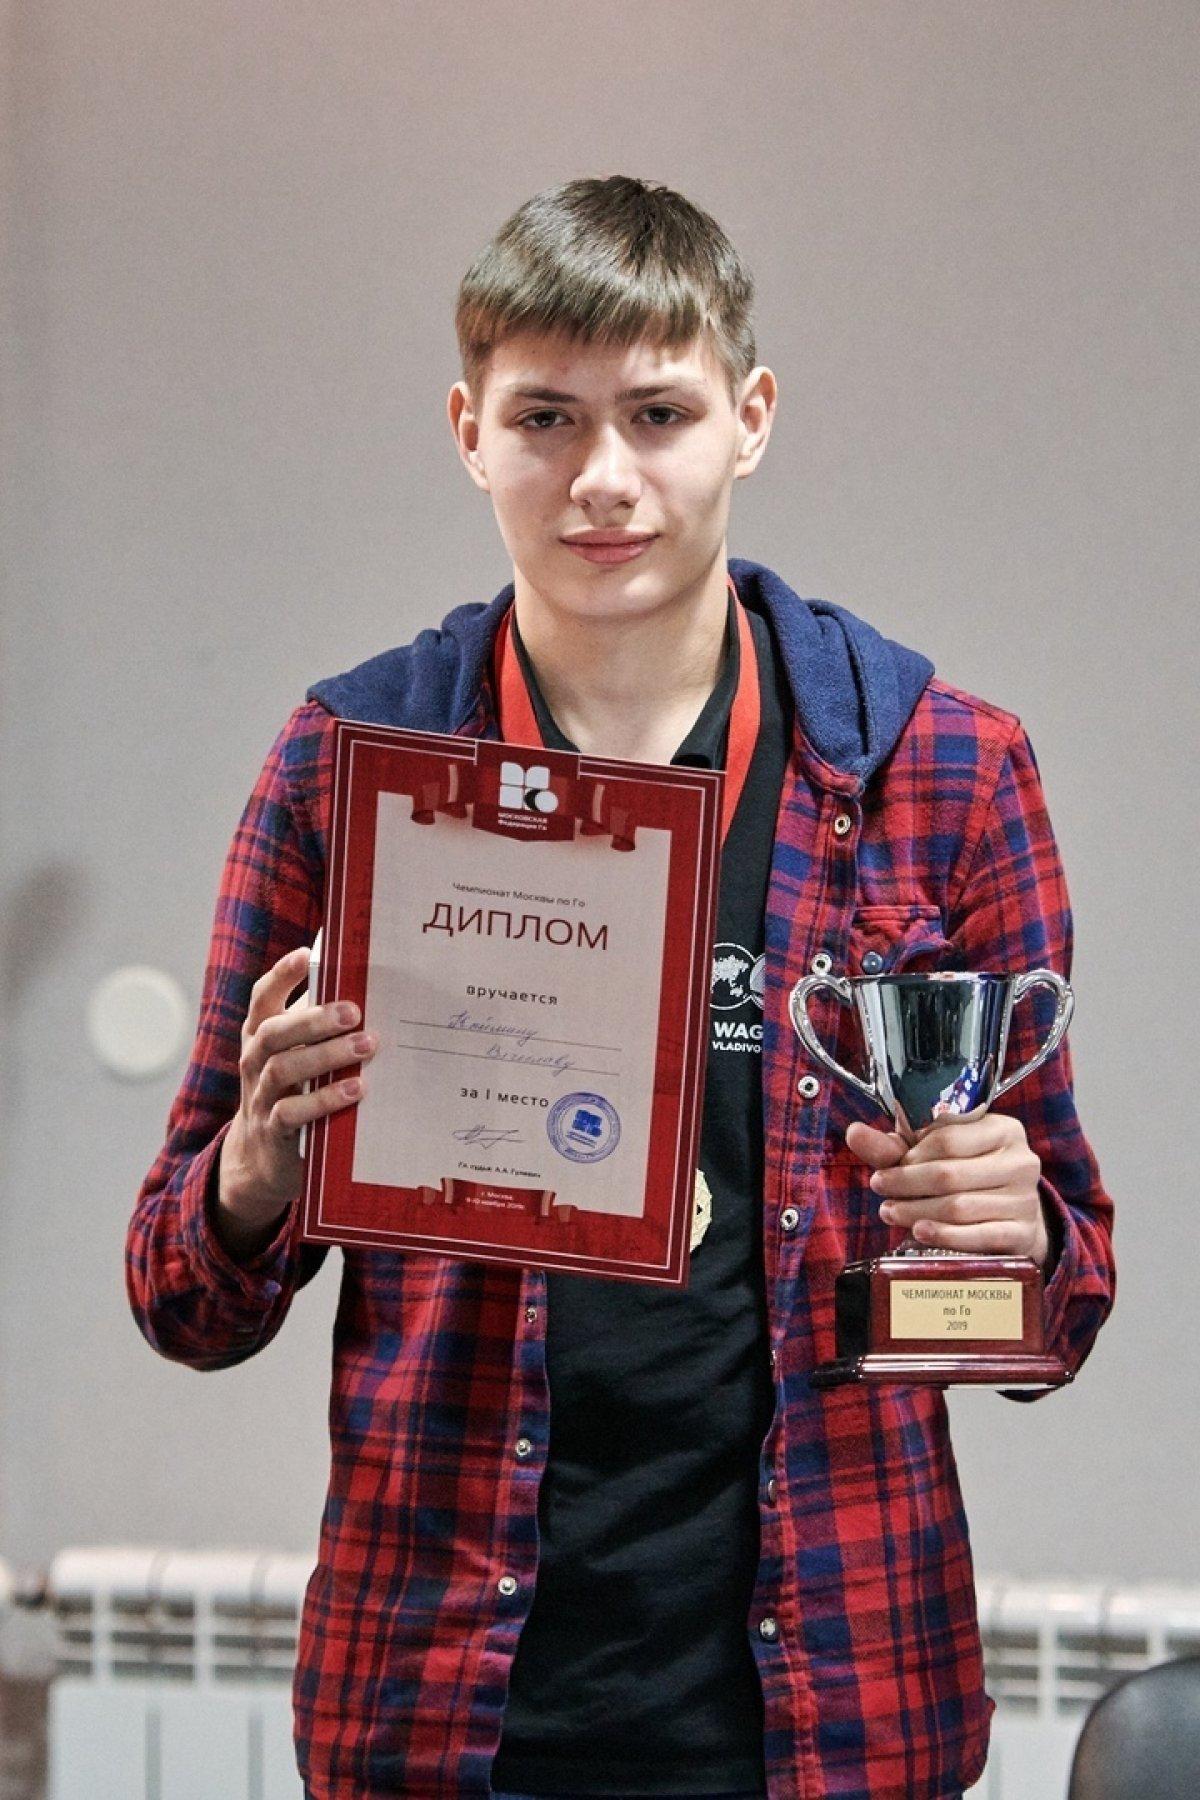 В Центре международной торговли 9-10 ноября состоялся чемпионат Москвы по го. В турнире приняли участие около 150 участников из 16 городов России.